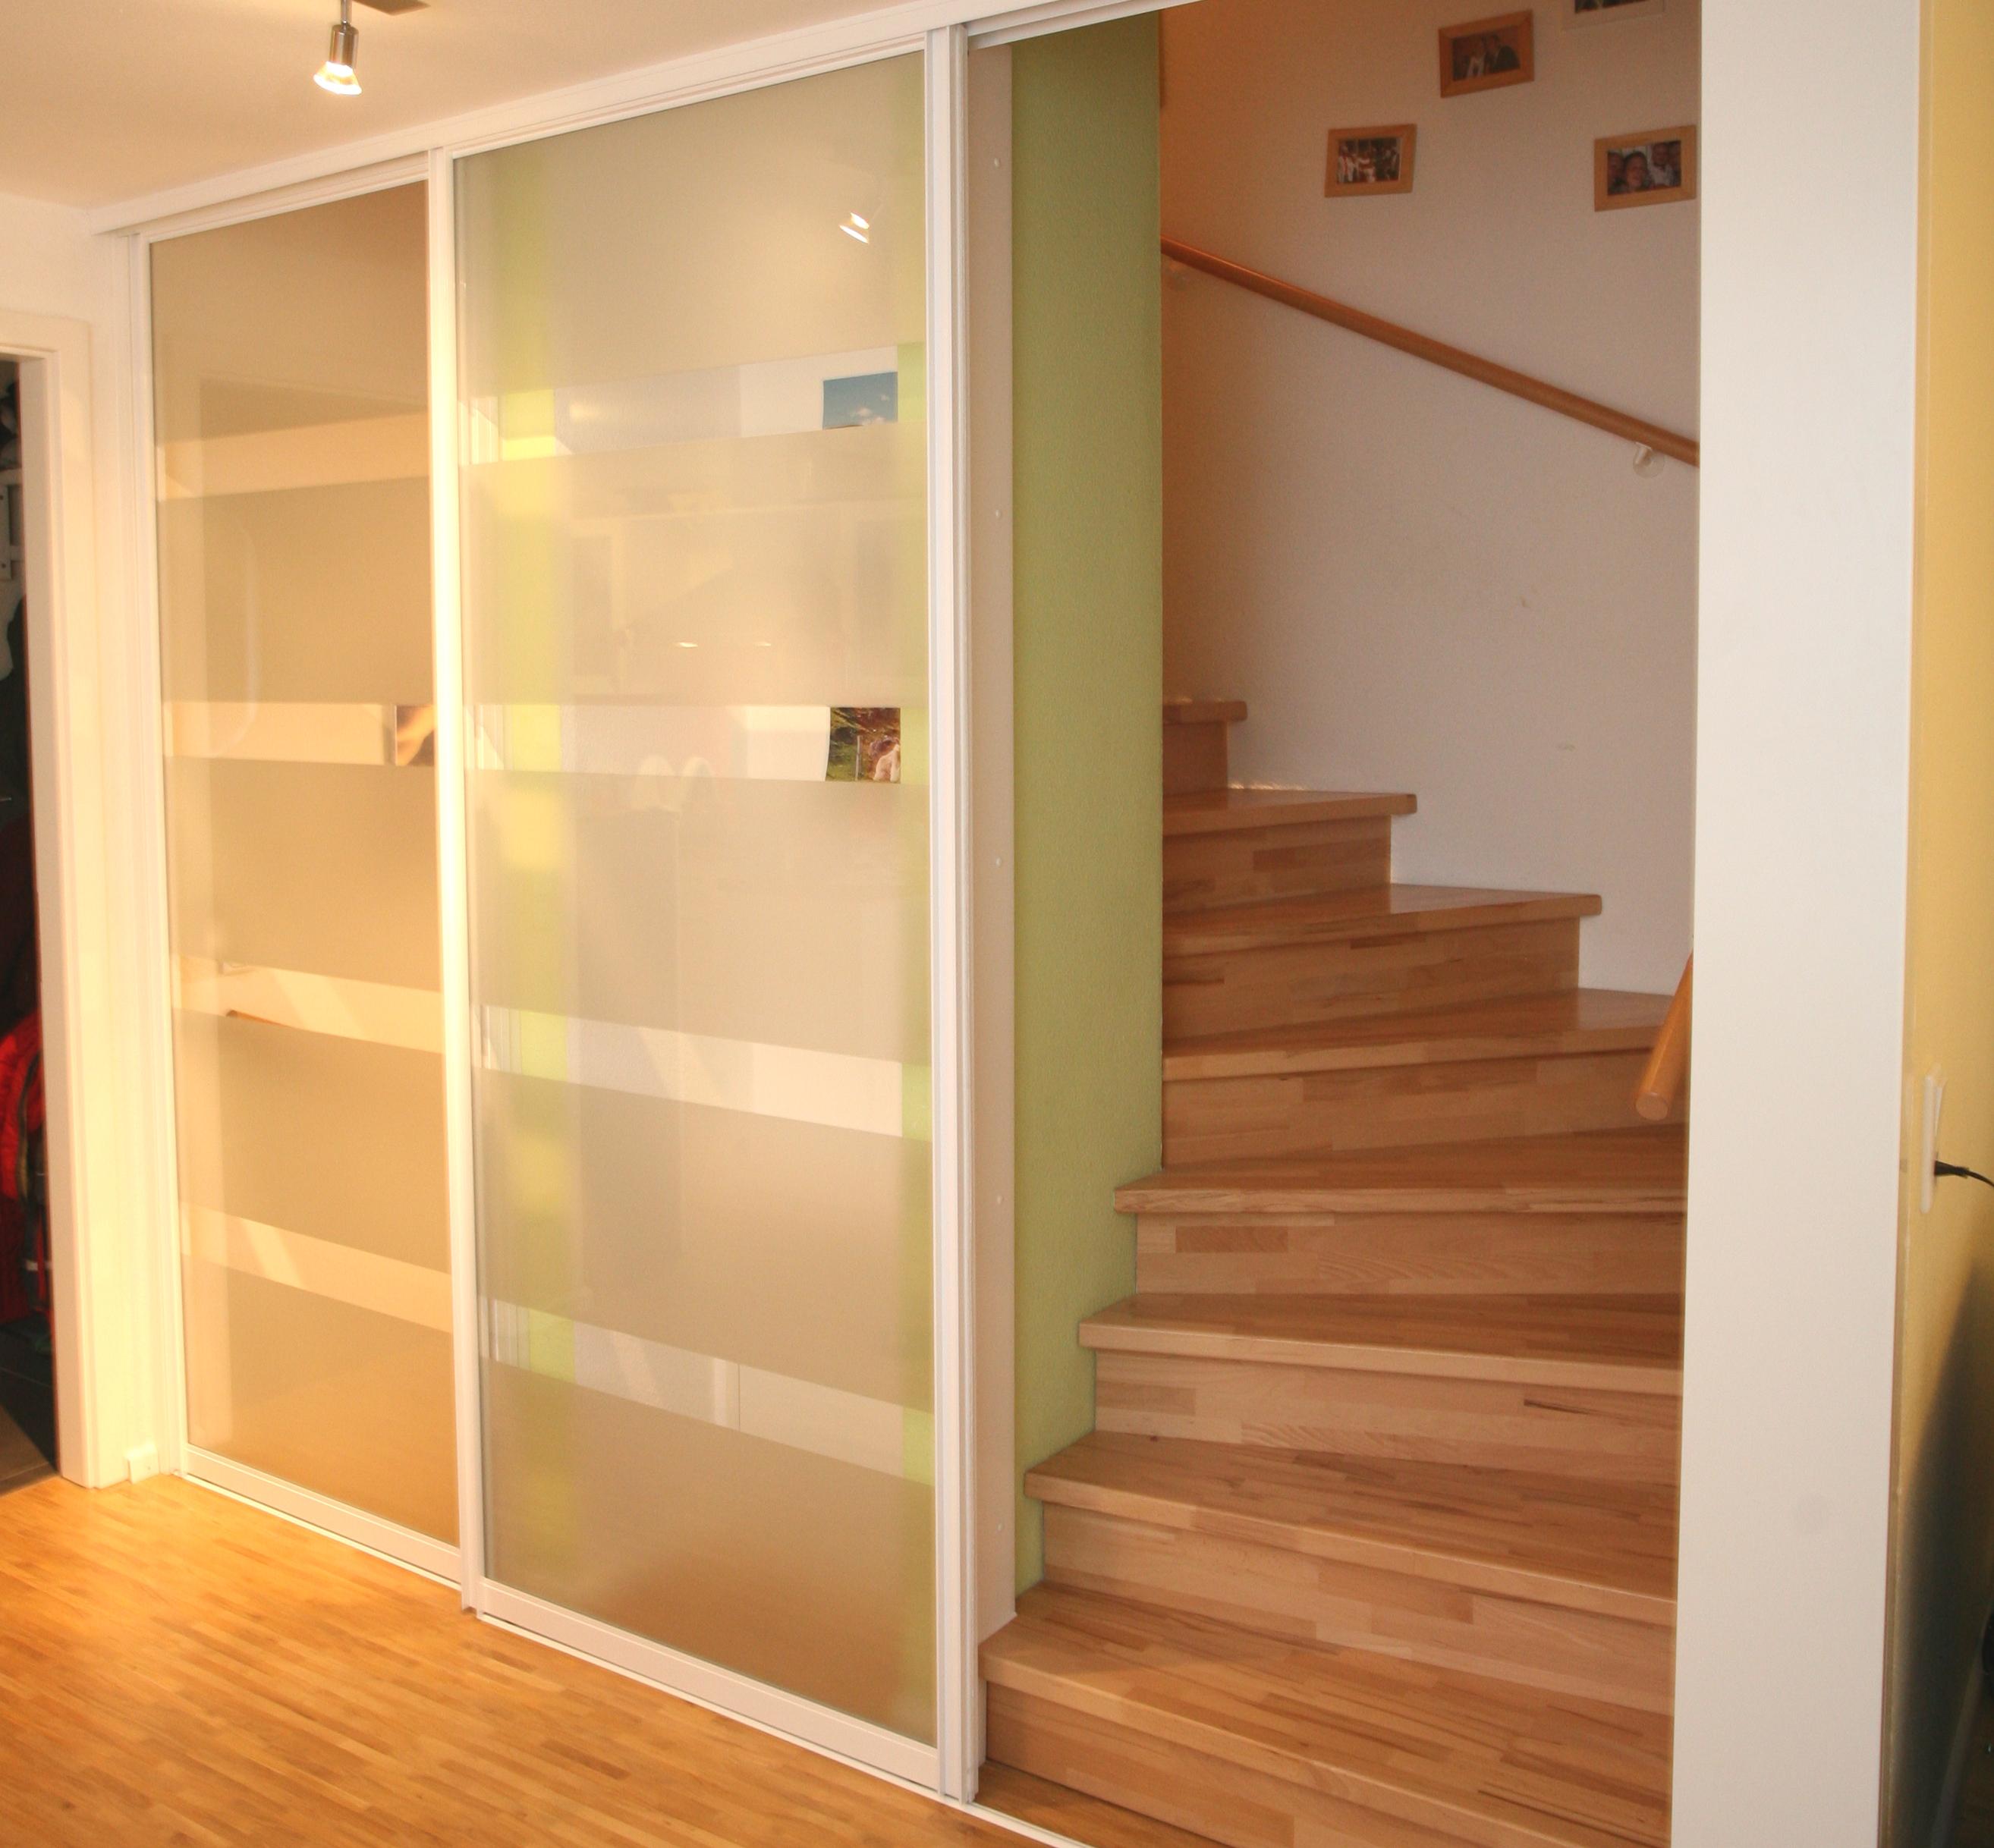 Treppenhaus mit Schiebetüren nachher